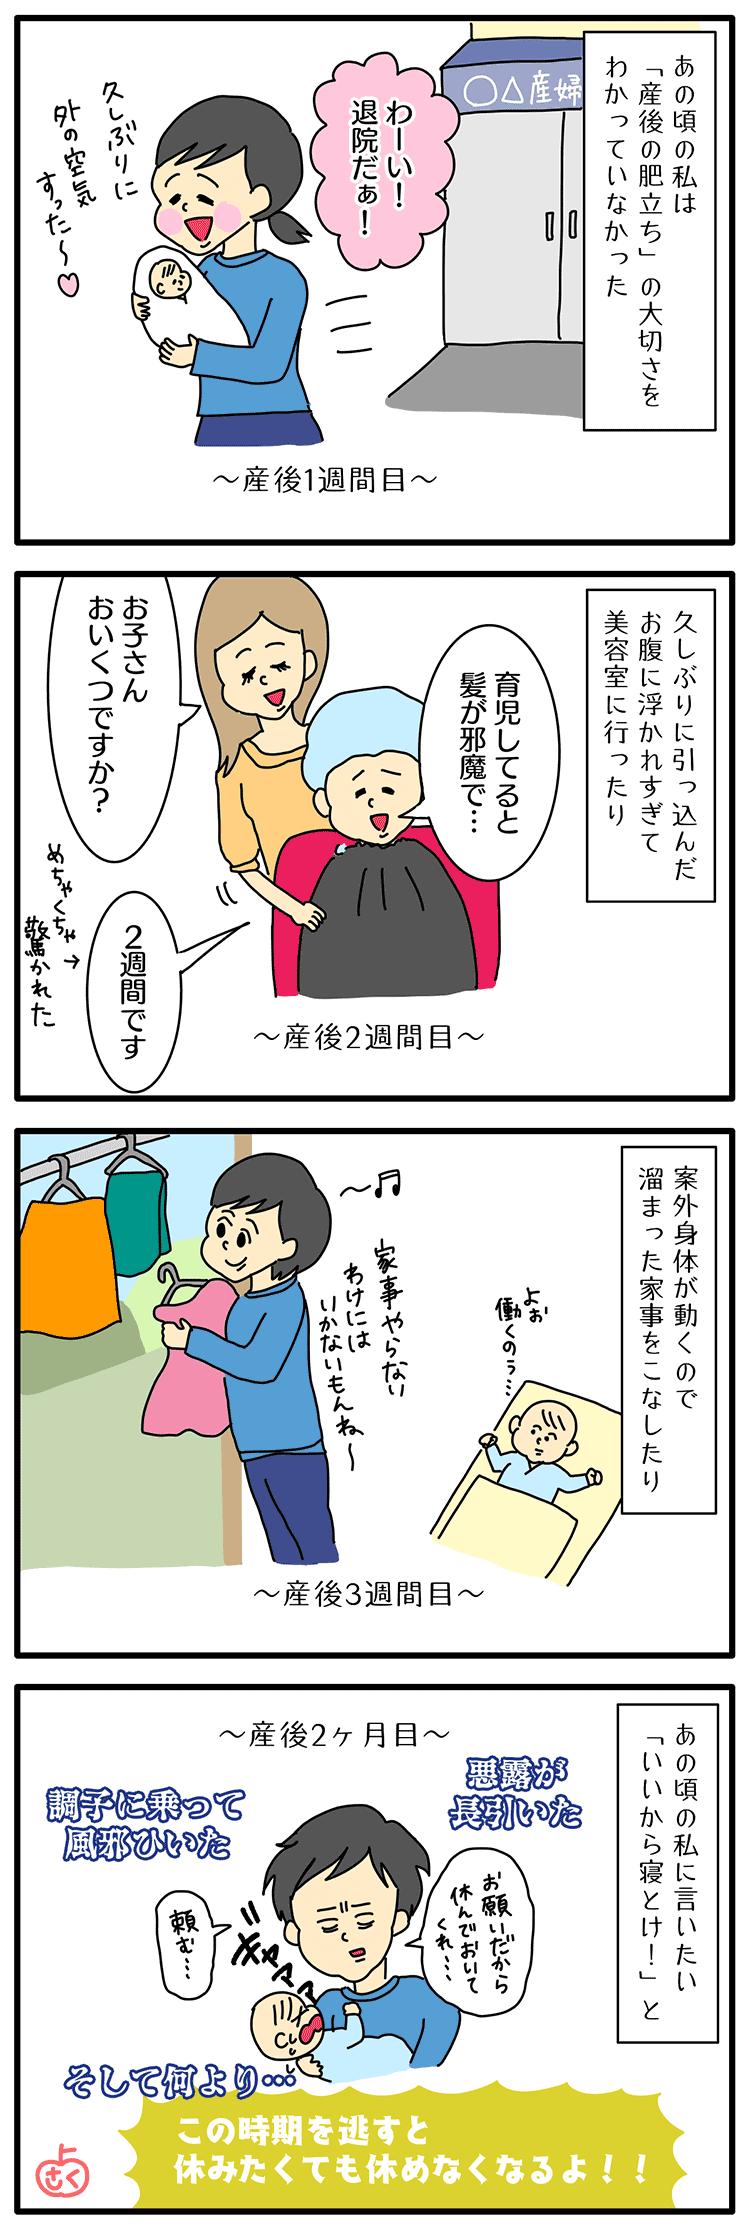 産後の肥立ちについての永岡さくら(saku)さんの子育て4コマ漫画